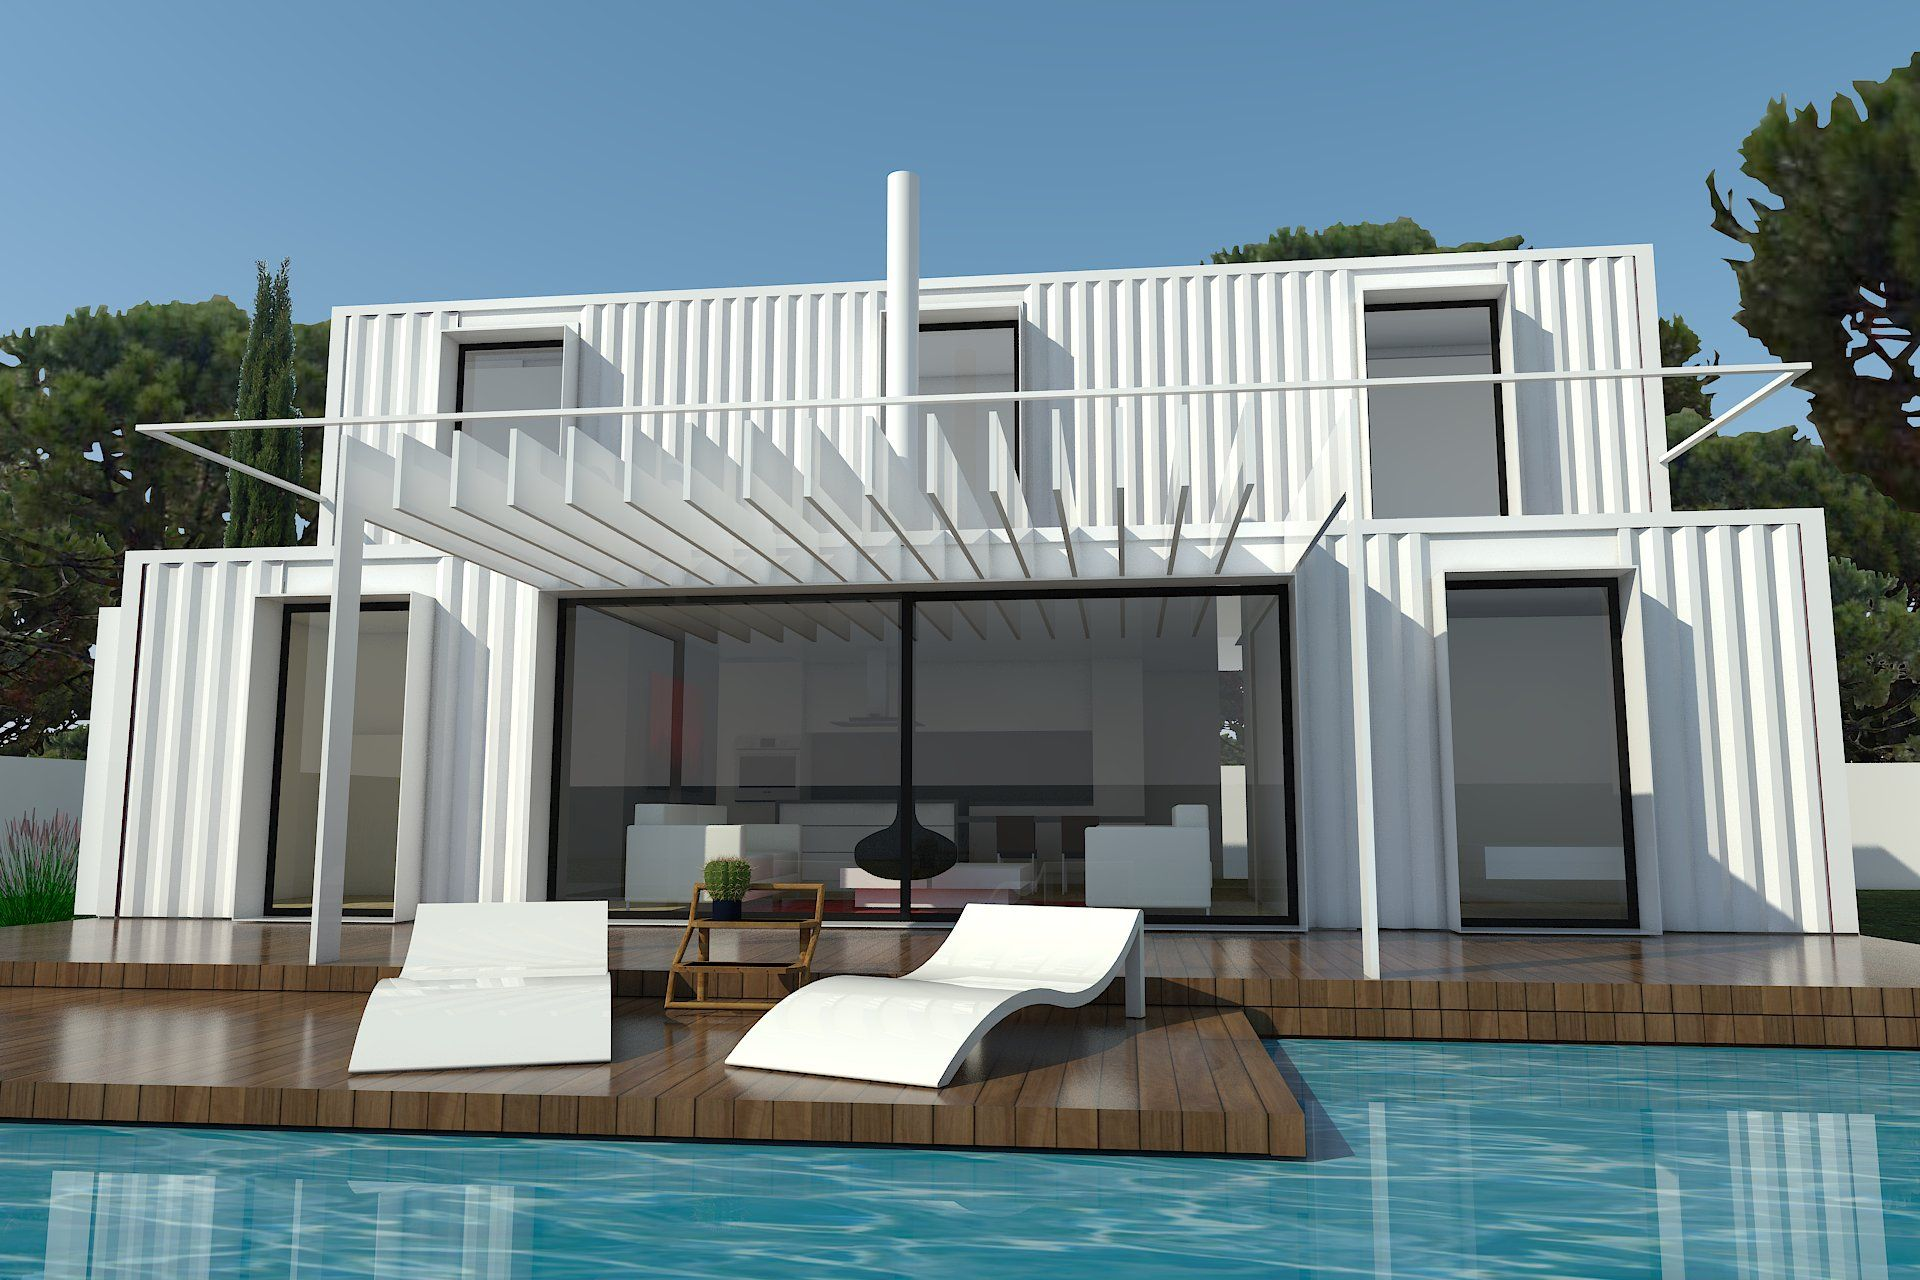 H kub casas prefabricadas en contenedores mar timos - Casa de contenedores ...